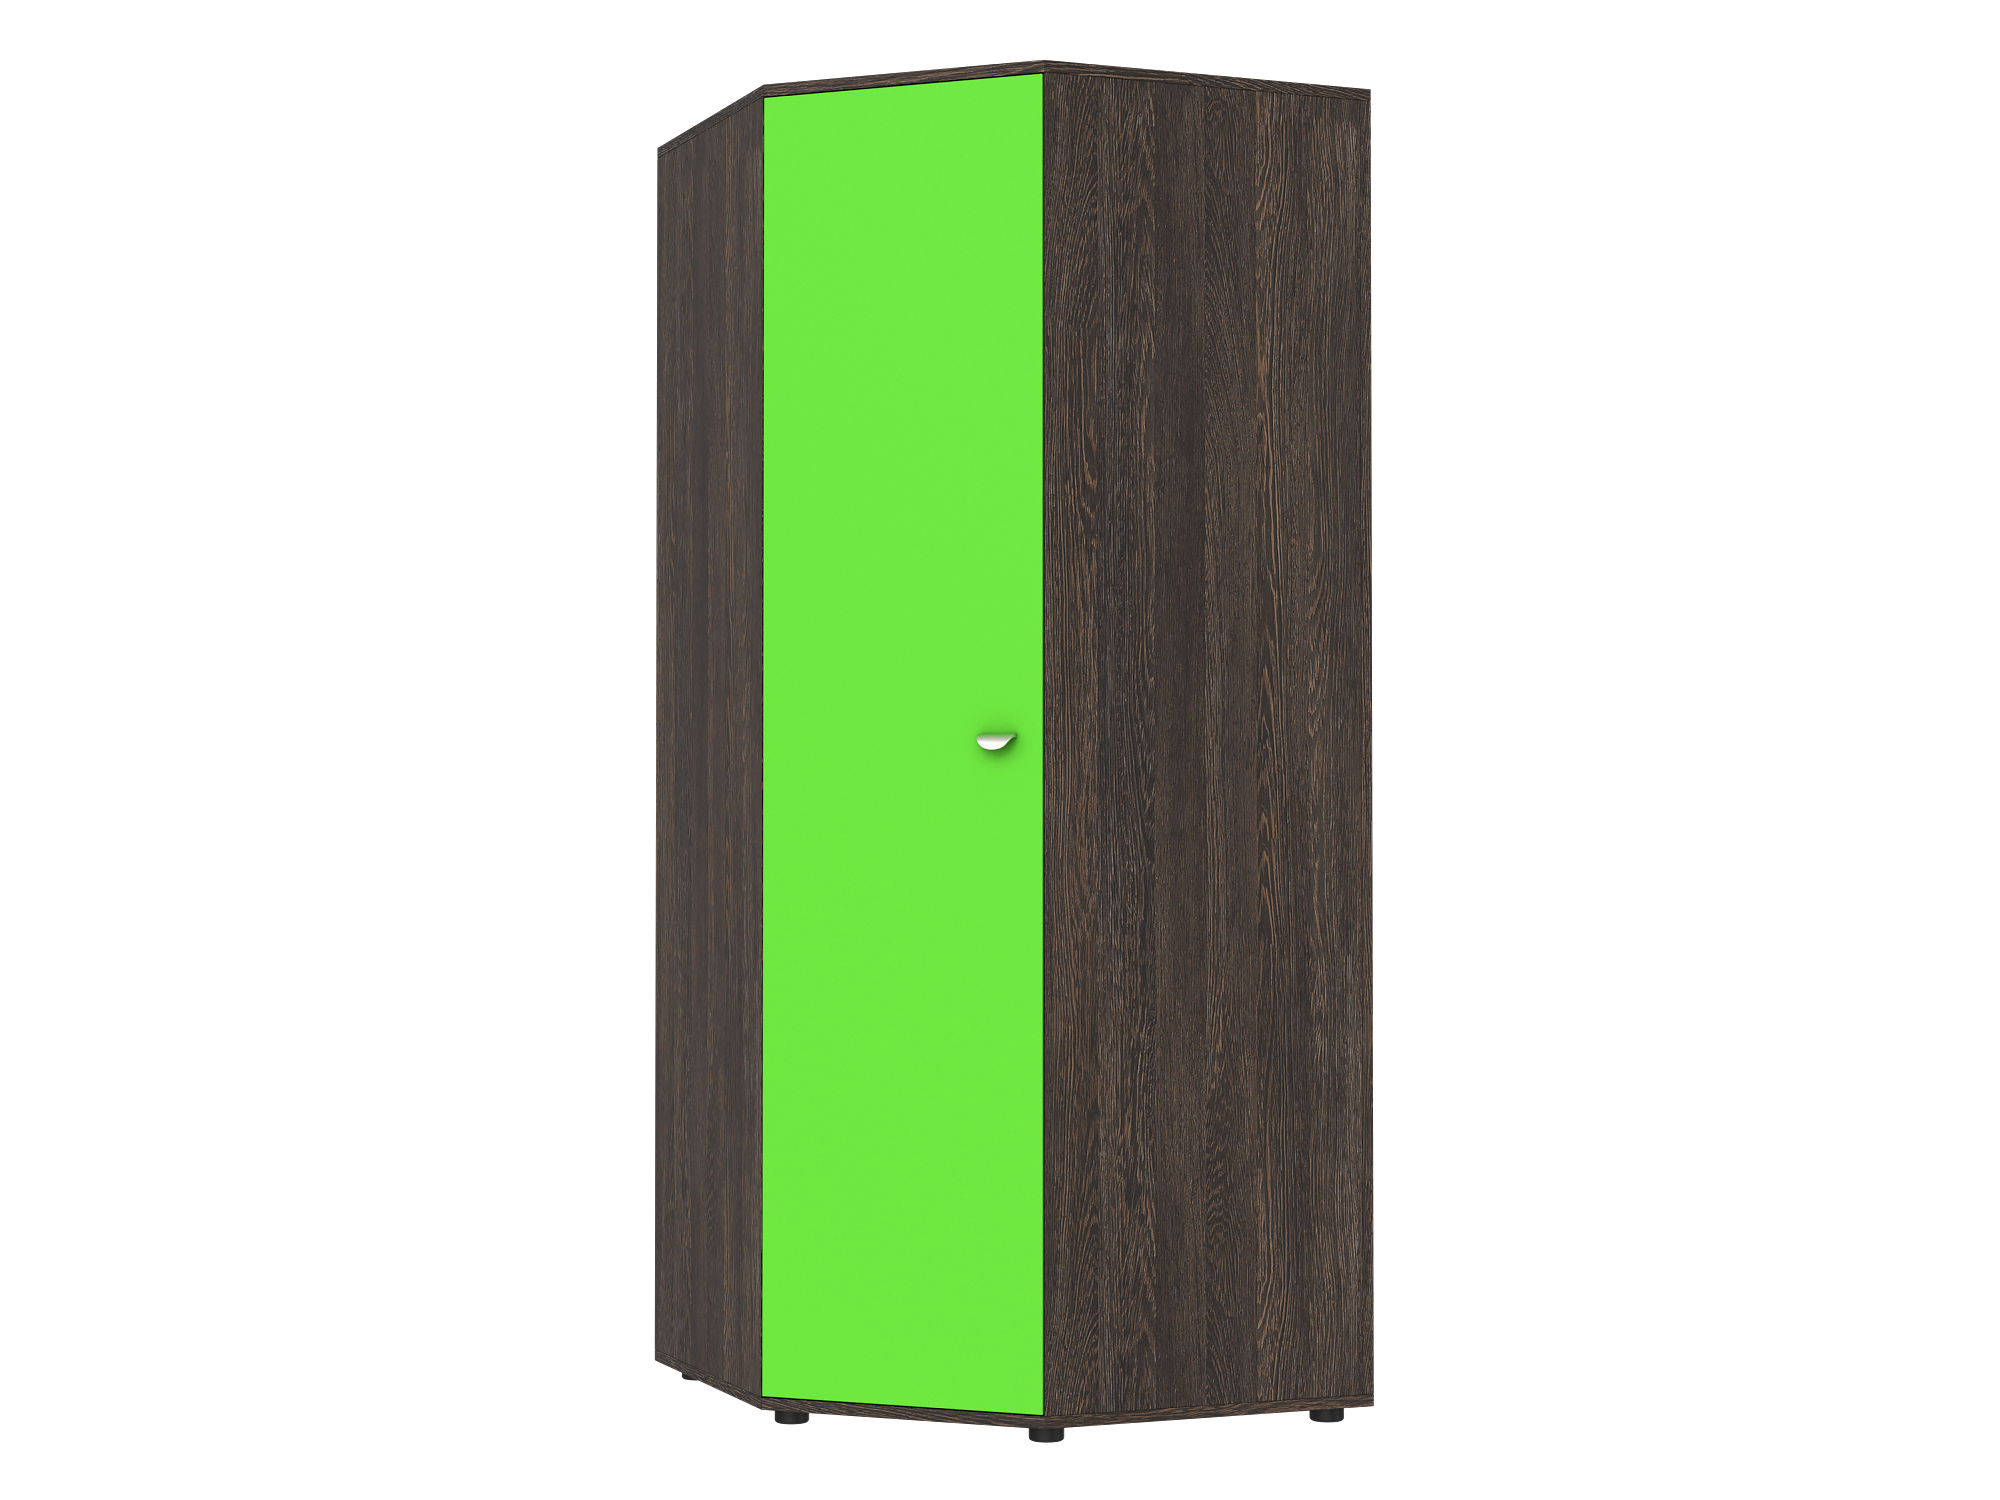 Шкаф угловой Golden Kids Зеленый, Коричневый темный